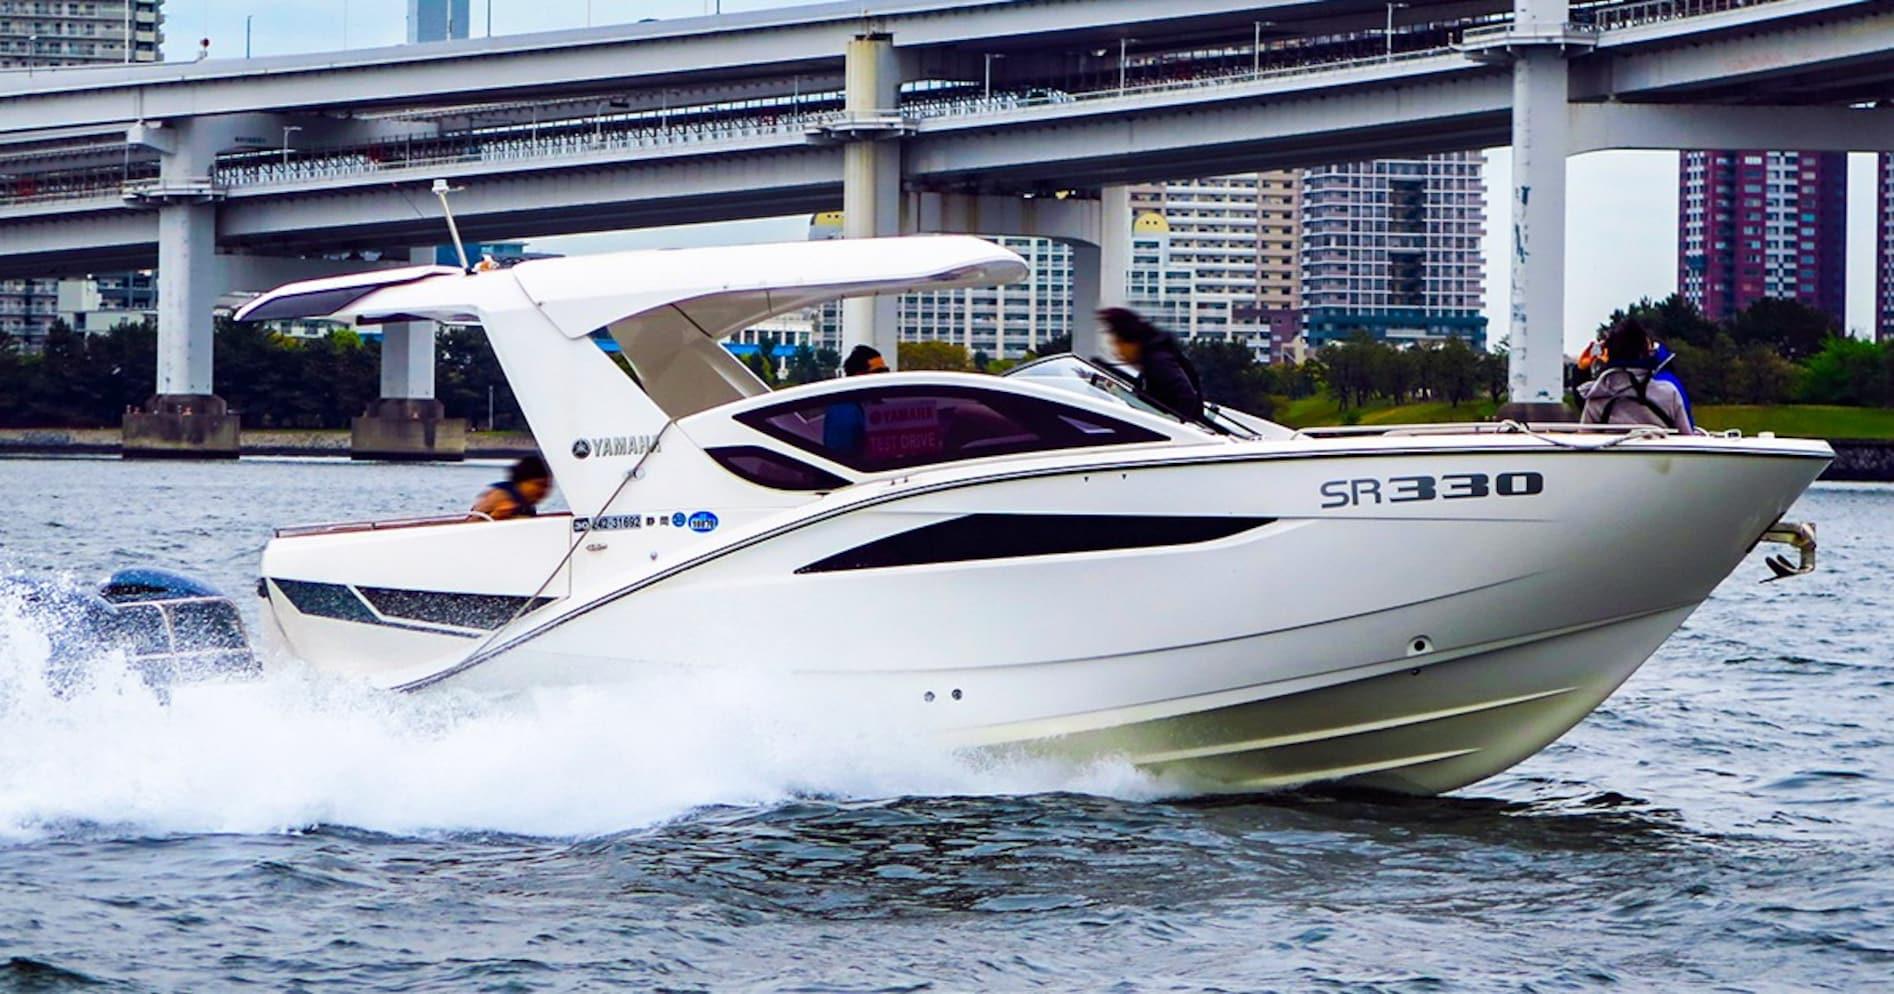 カーシェア、ルームシェアの次は「ボートシェア」。一般庶民がボートレジャーを楽しむ時代の到来!?